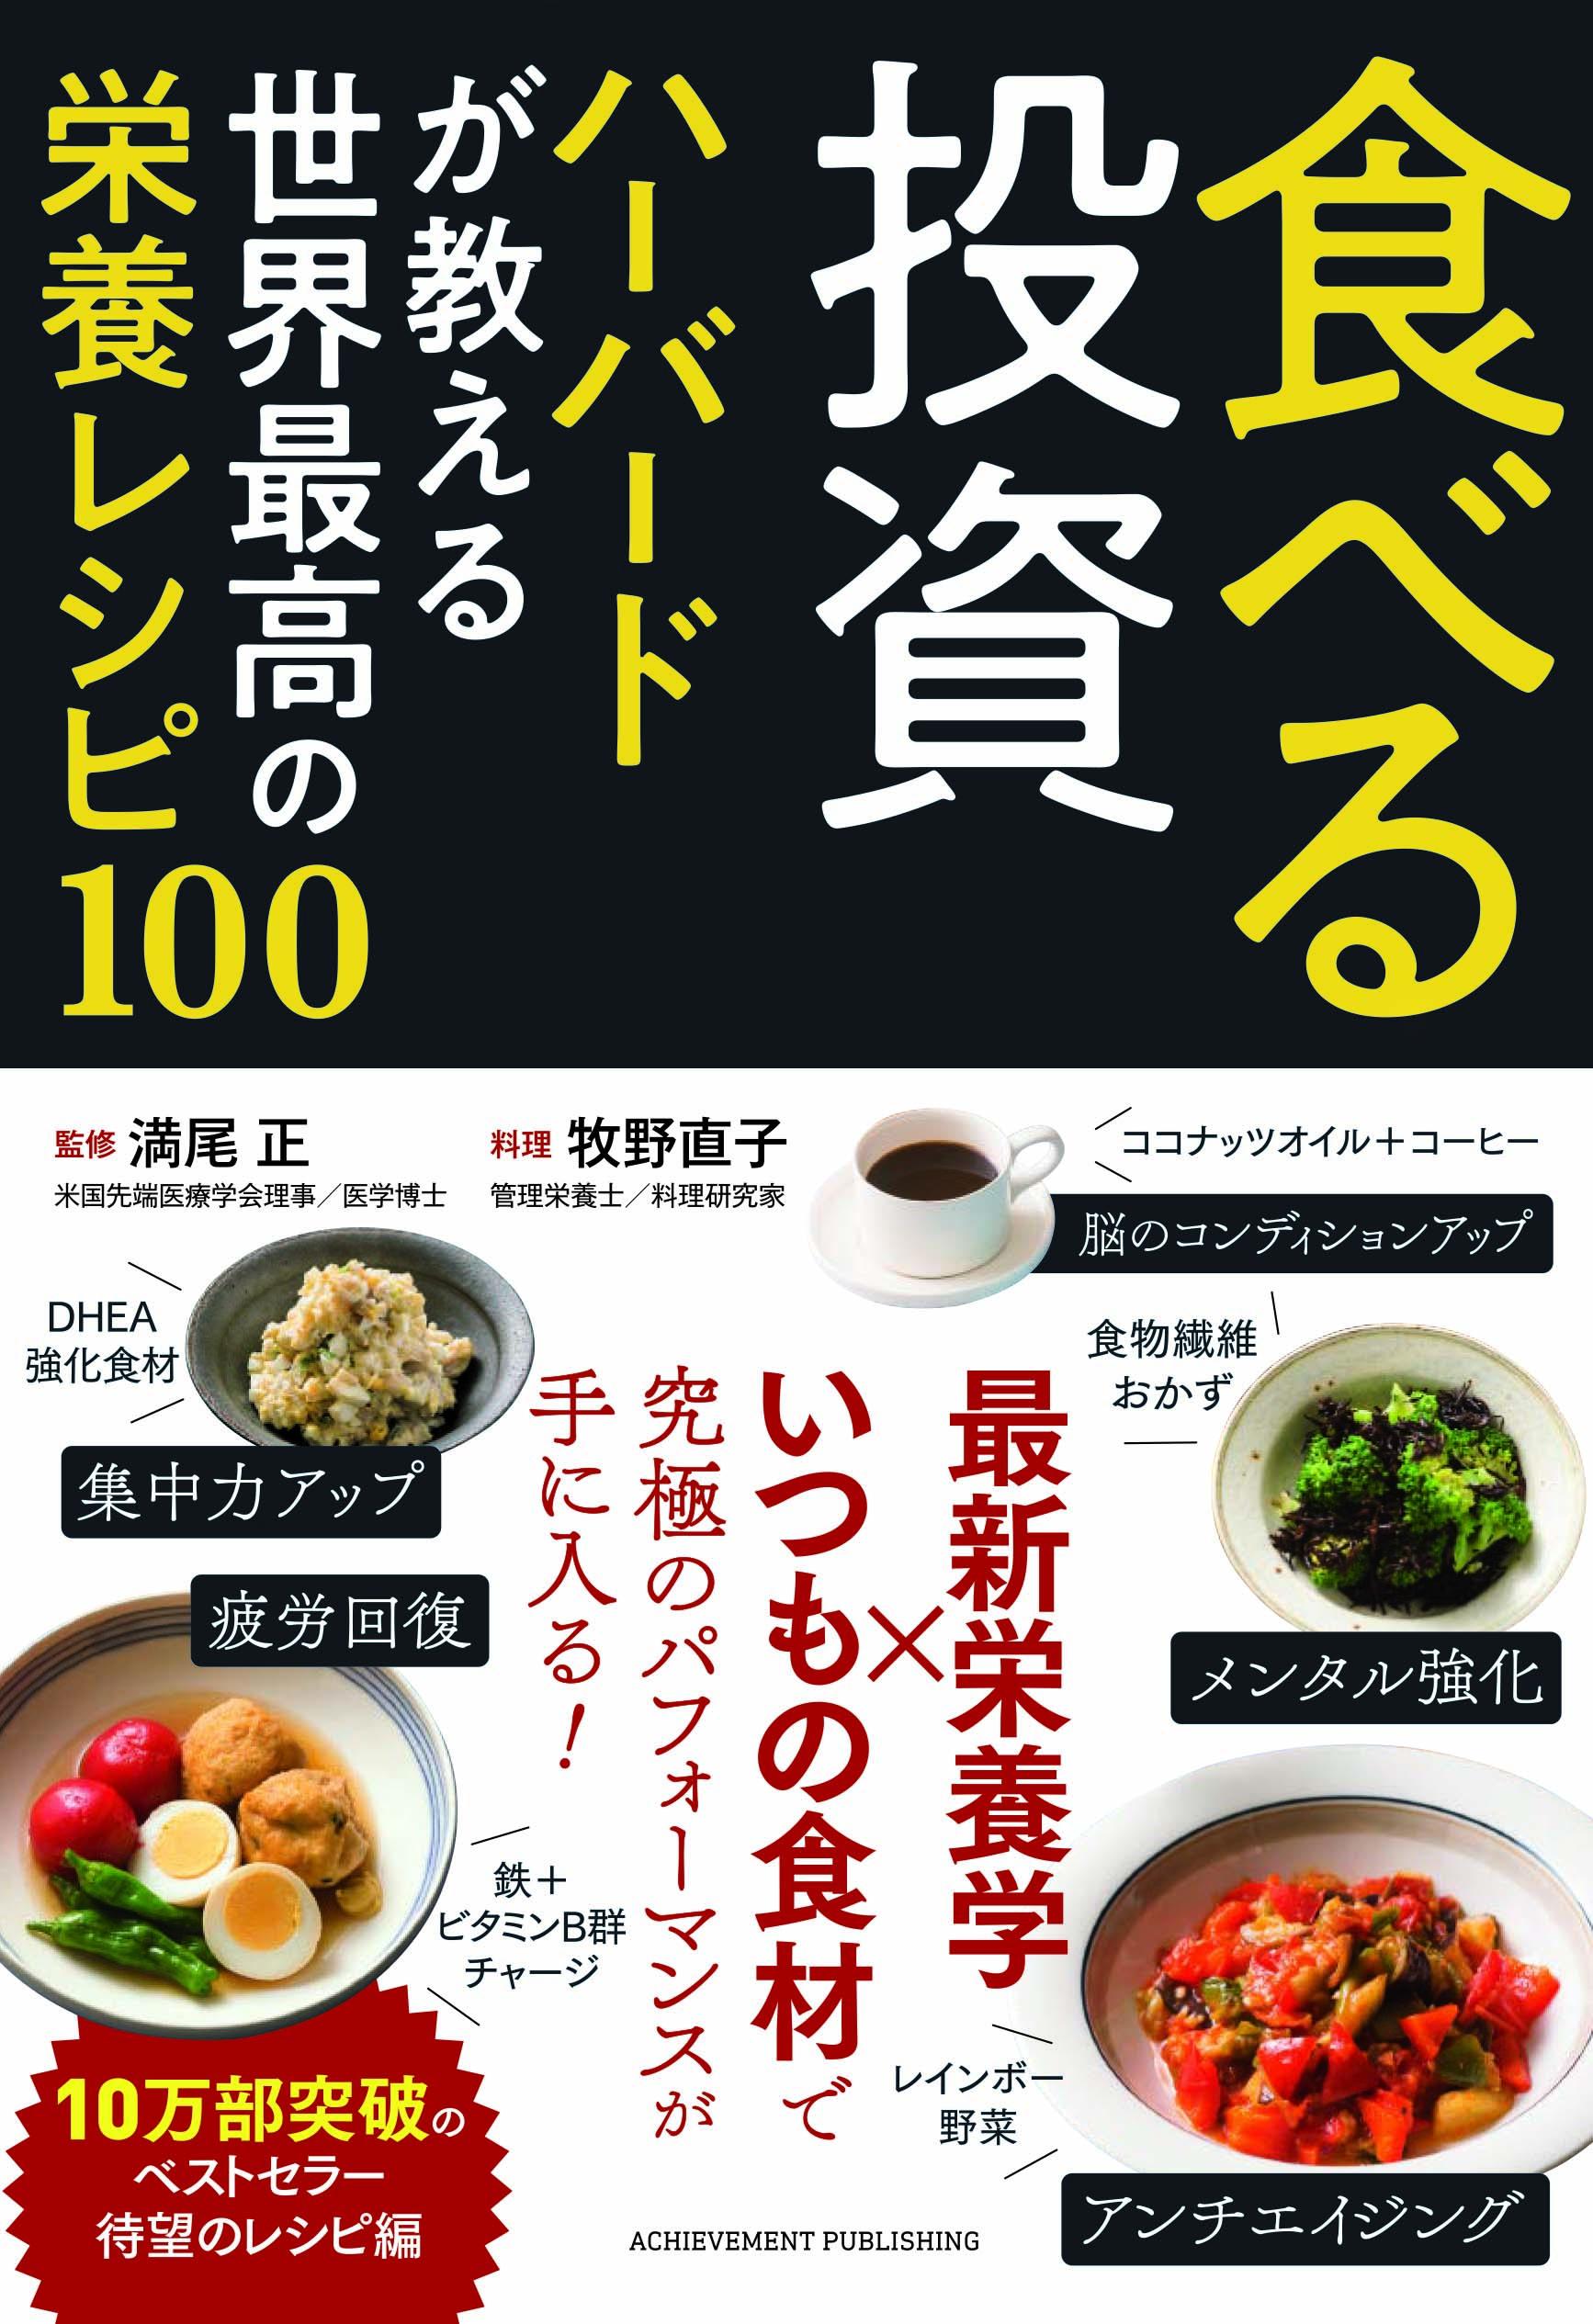 食べる投資 ハーバードが教える世界最高の栄養レシピ100の画像1